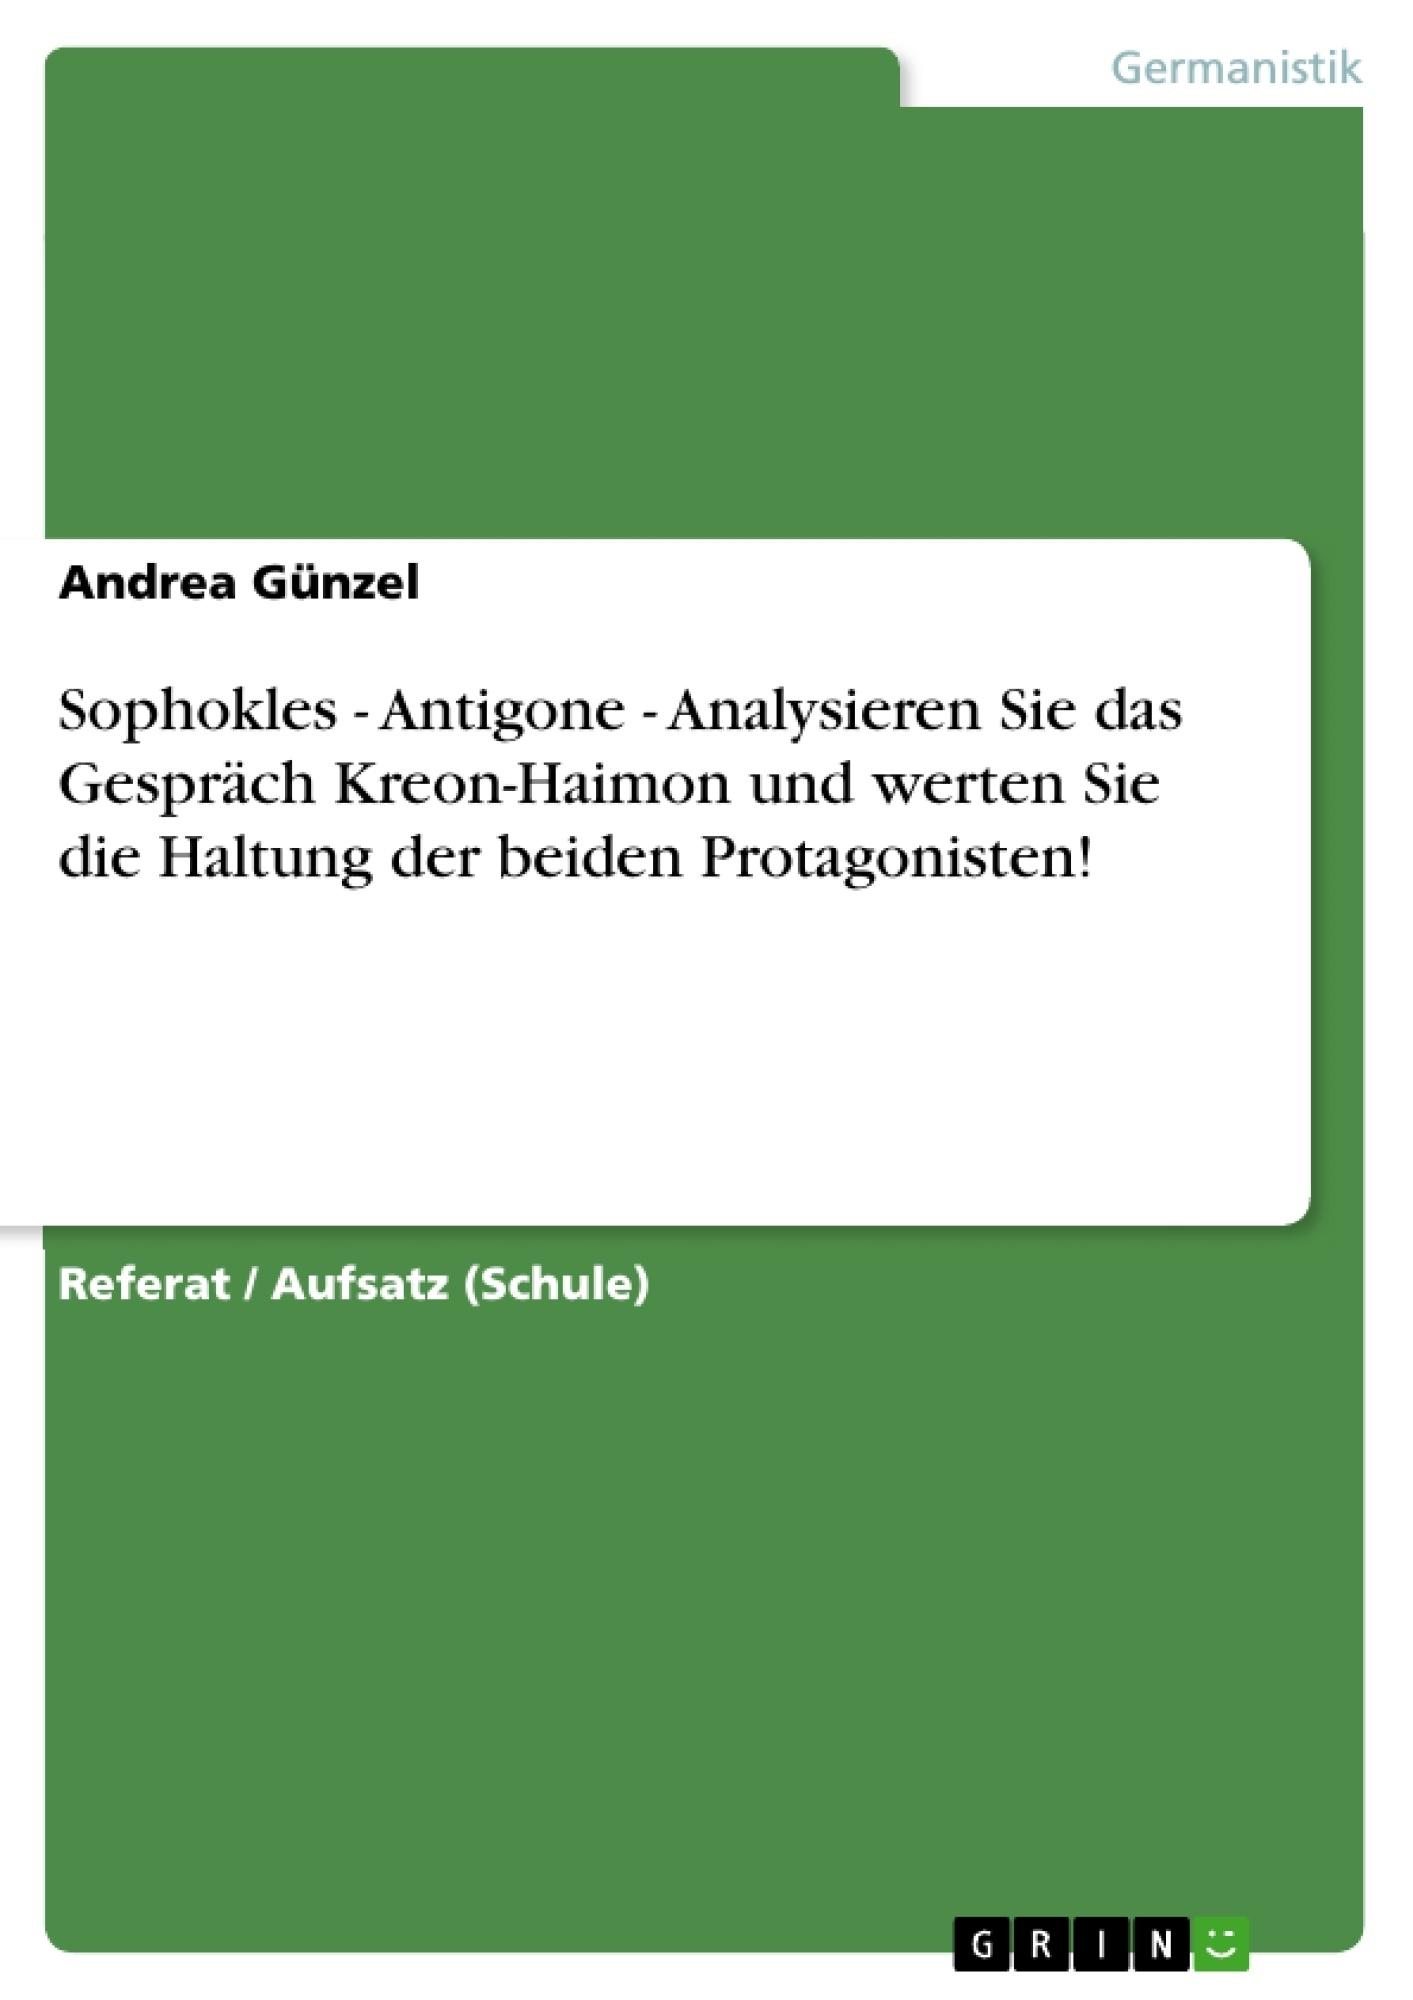 Titel: Sophokles - Antigone - Analysieren Sie das Gespräch Kreon-Haimon und werten Sie die Haltung der beiden Protagonisten!